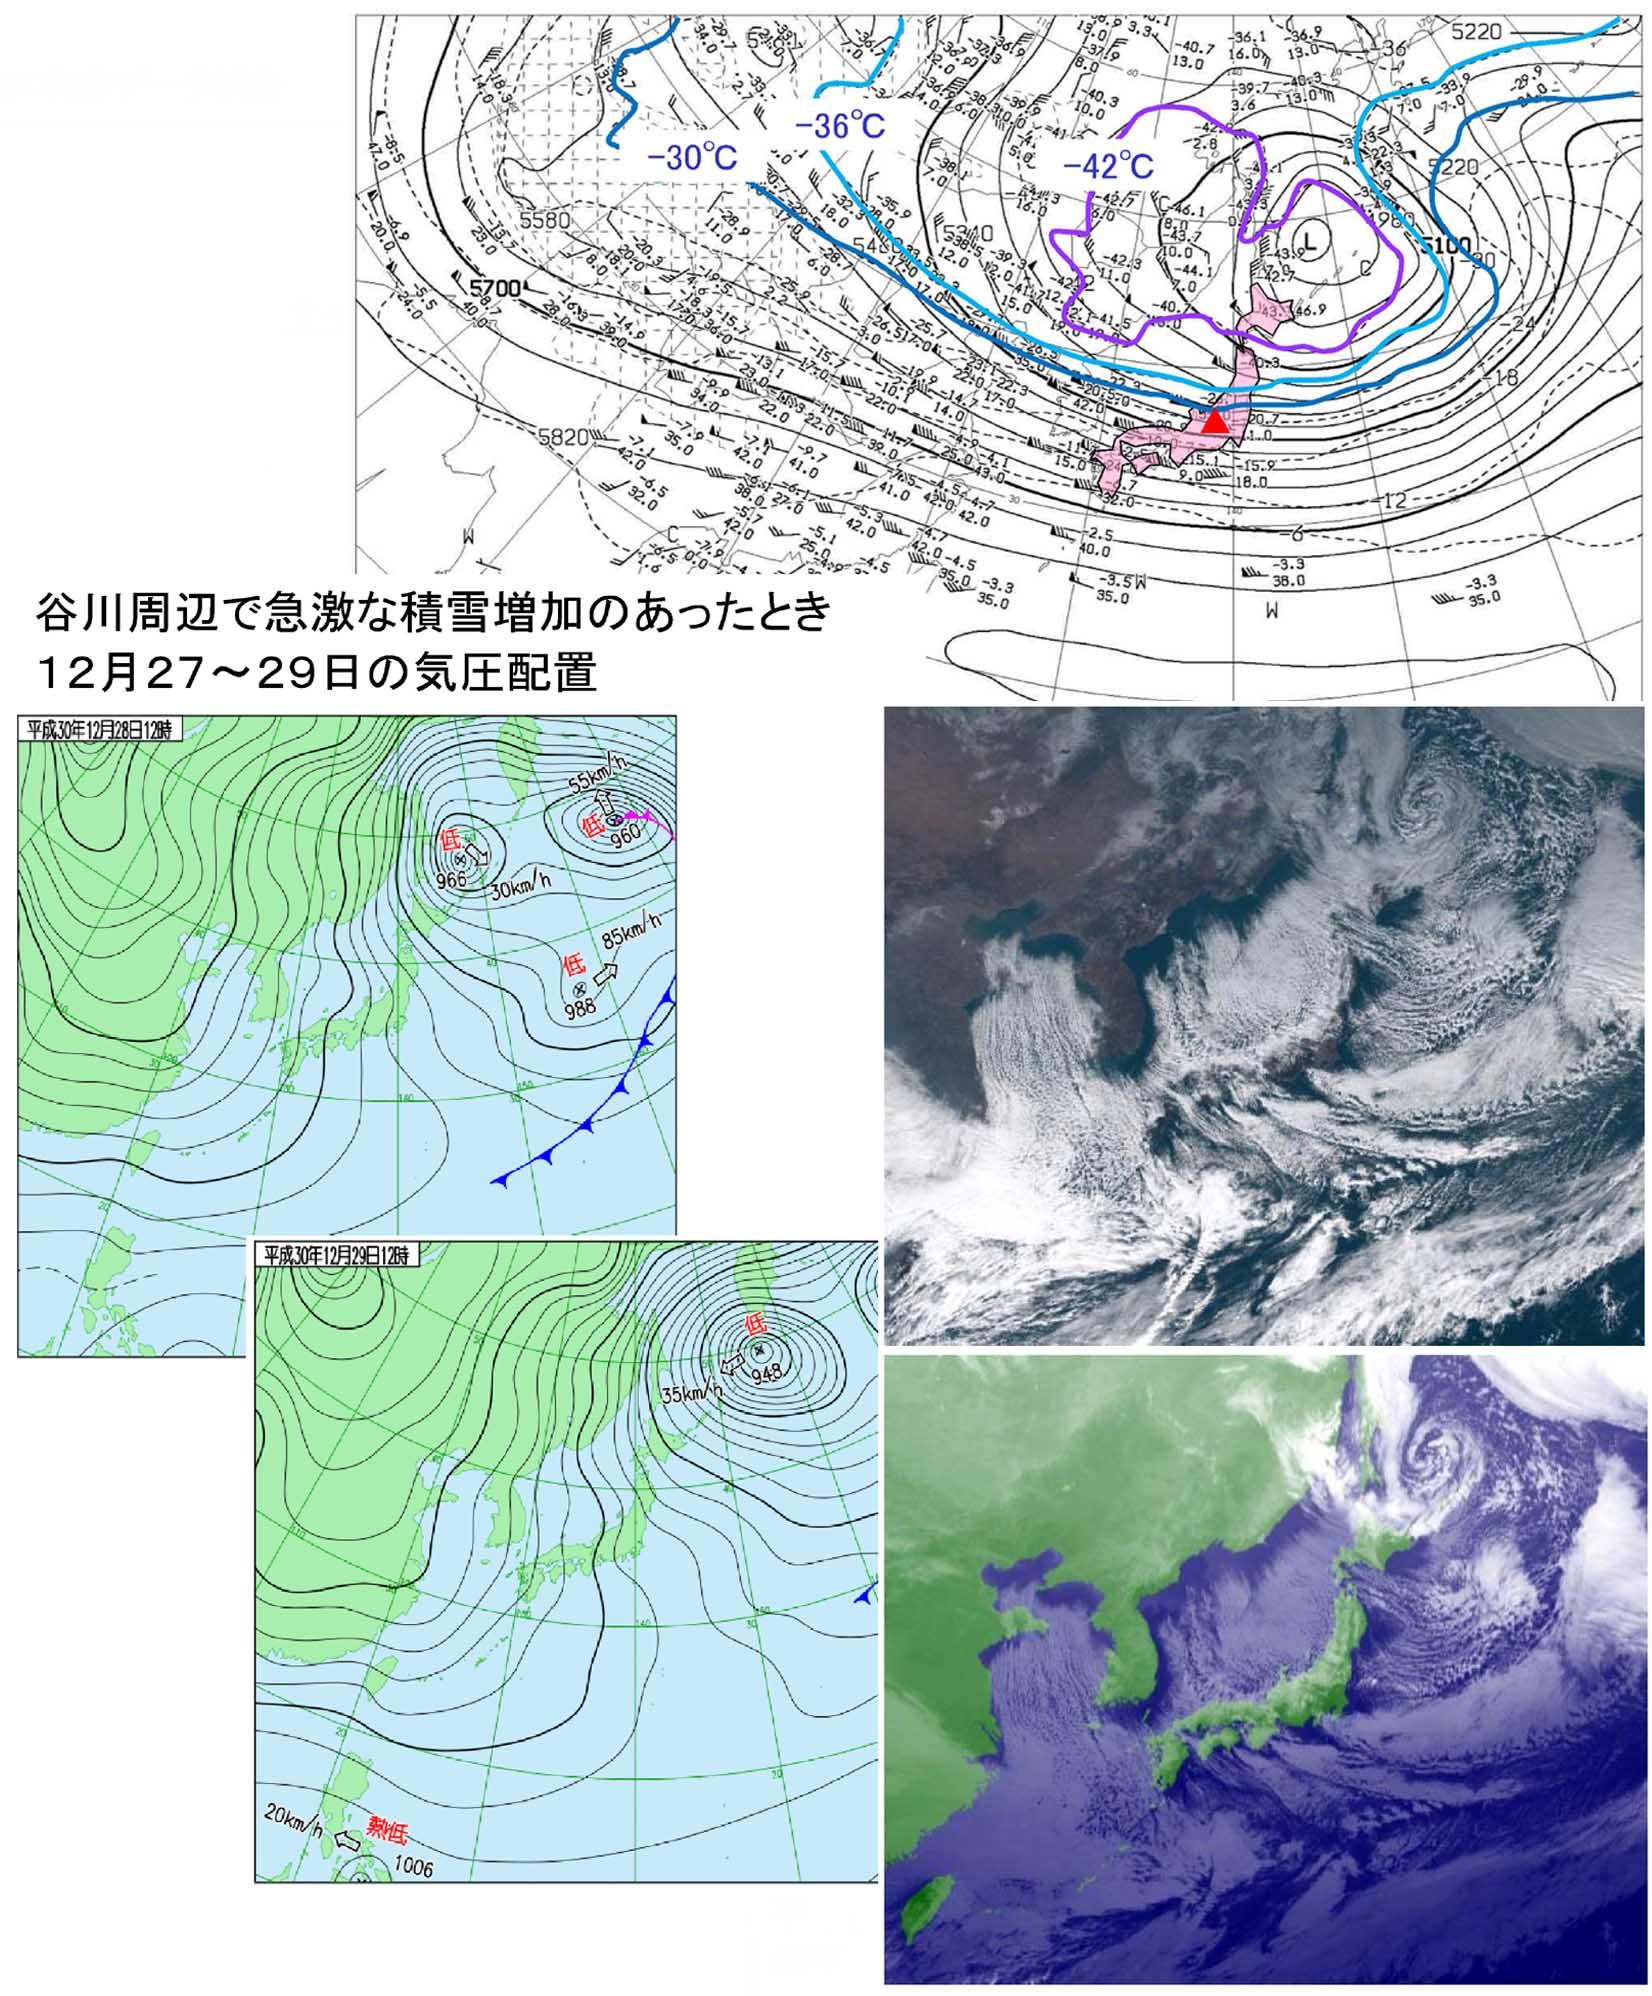 関東雪崩講習会 2019 (40)B